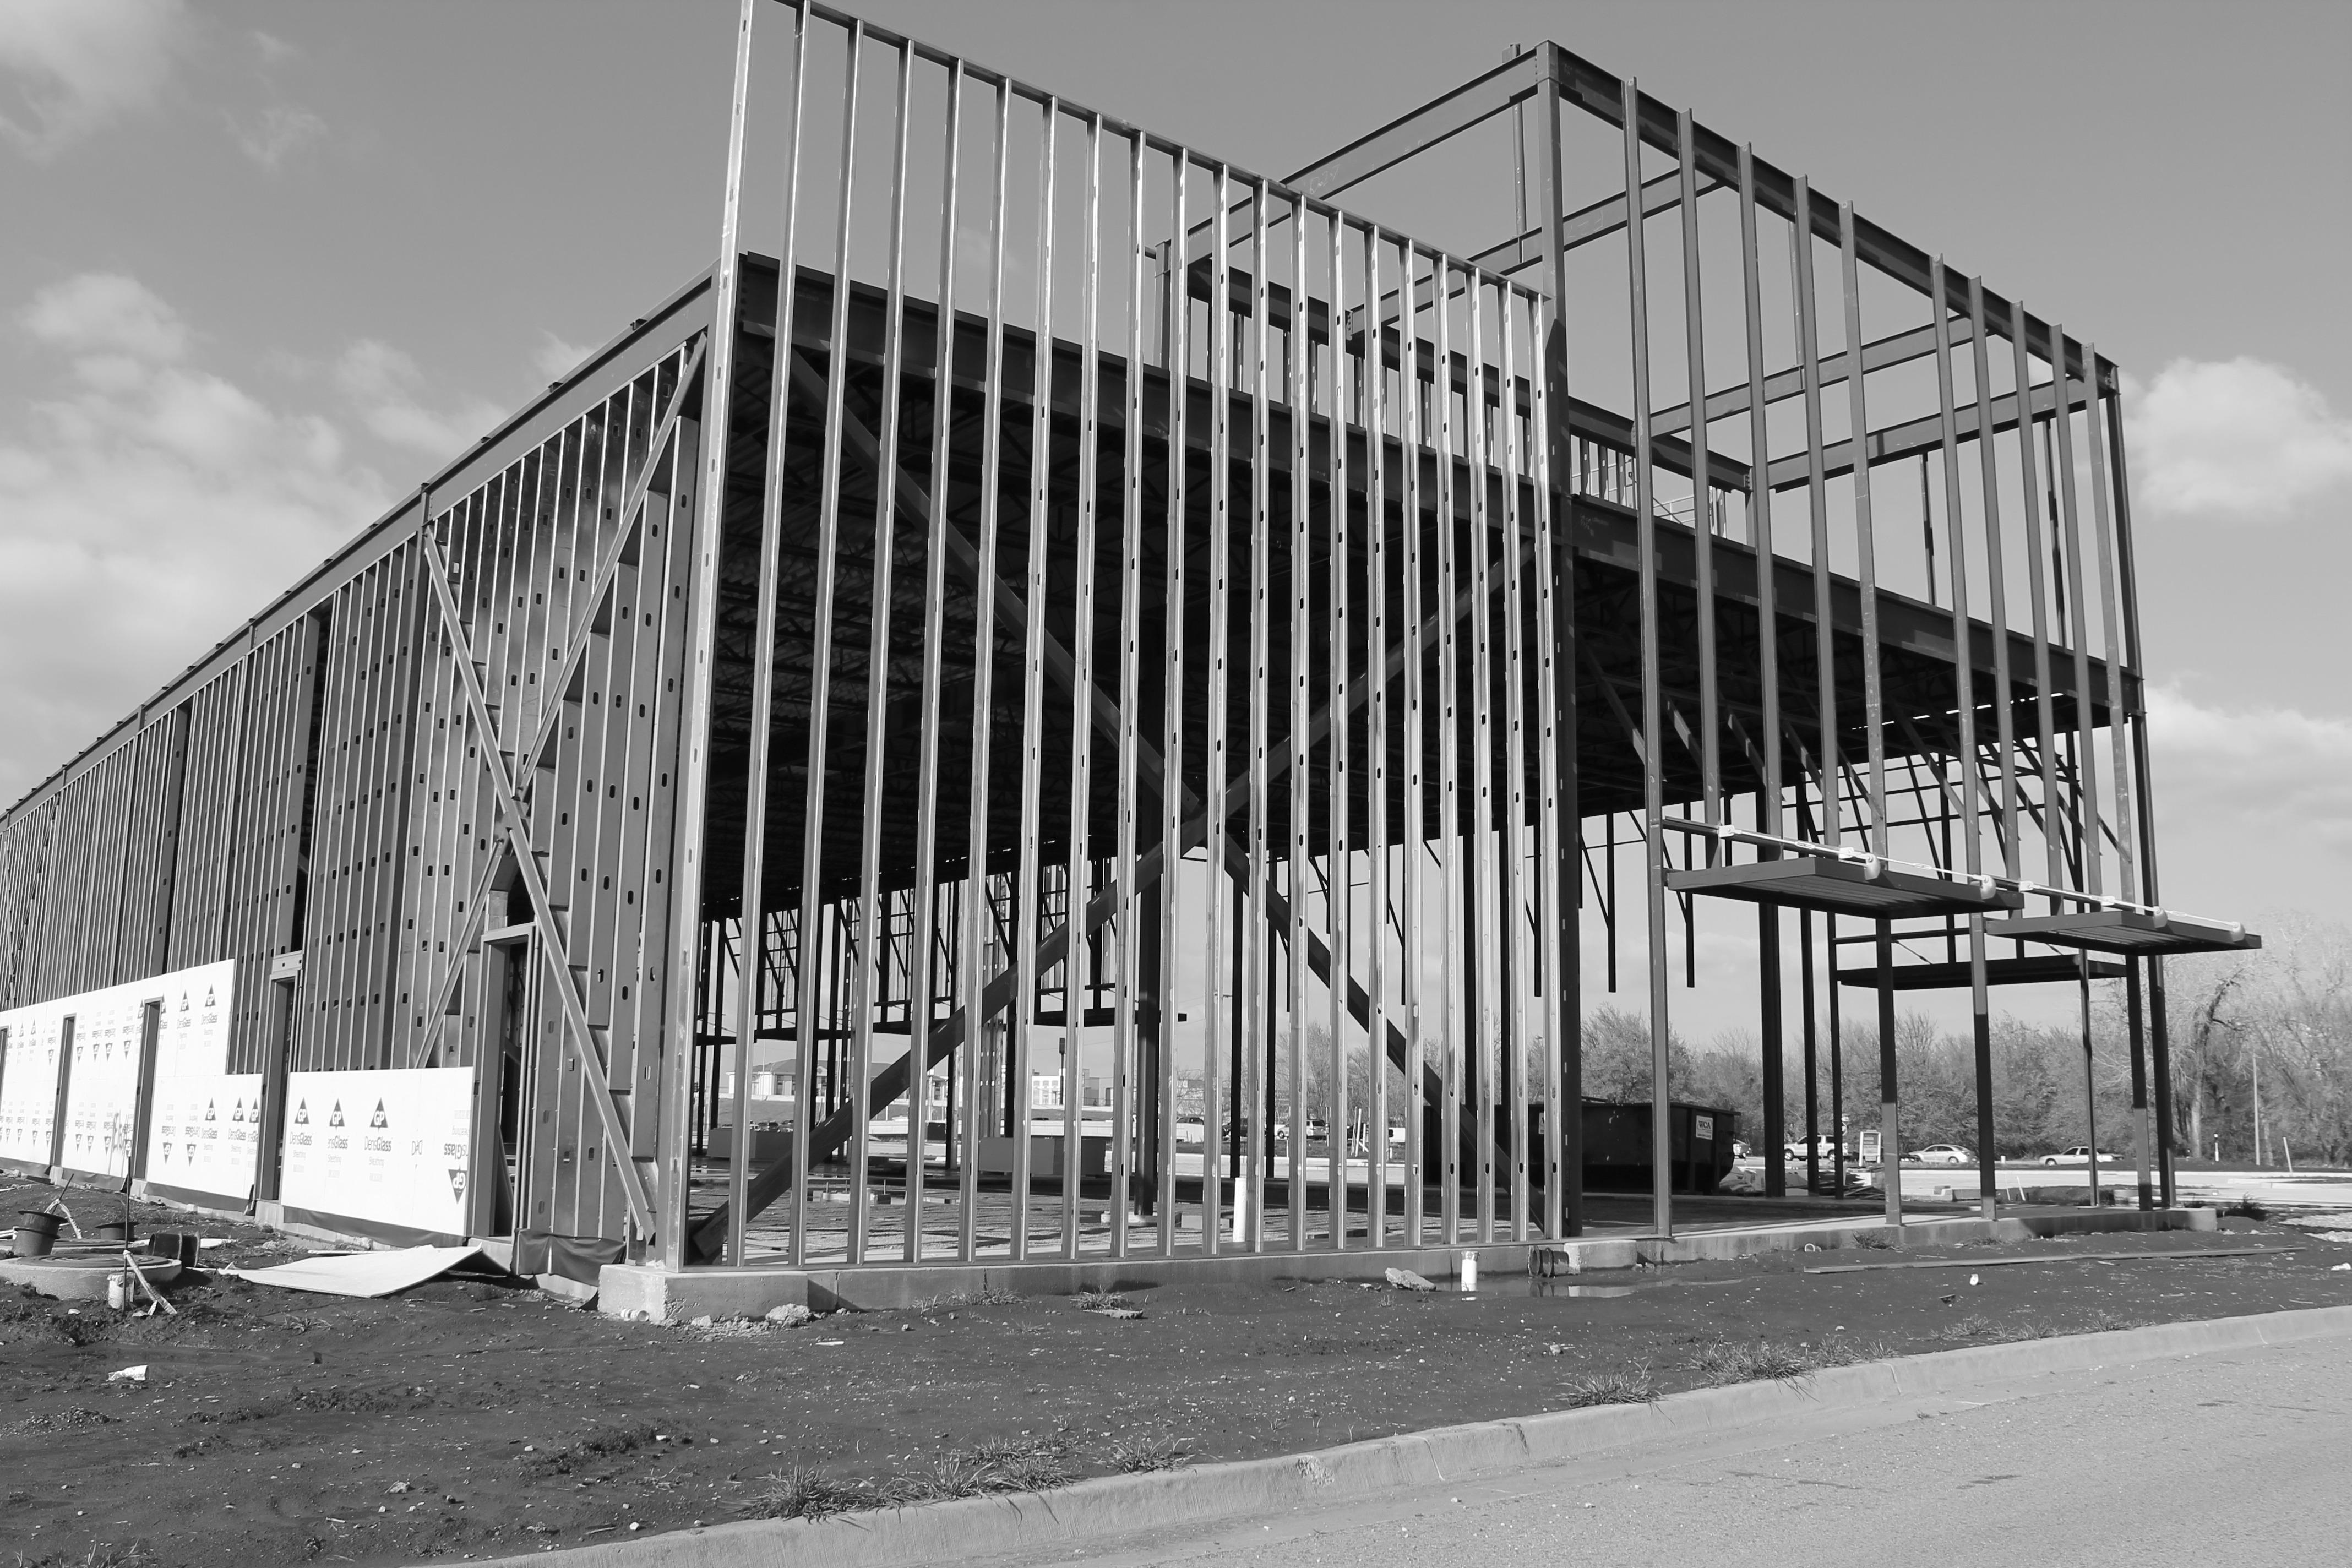 Fotos Gratis En Blanco Y Negro Arquitectura Estructura